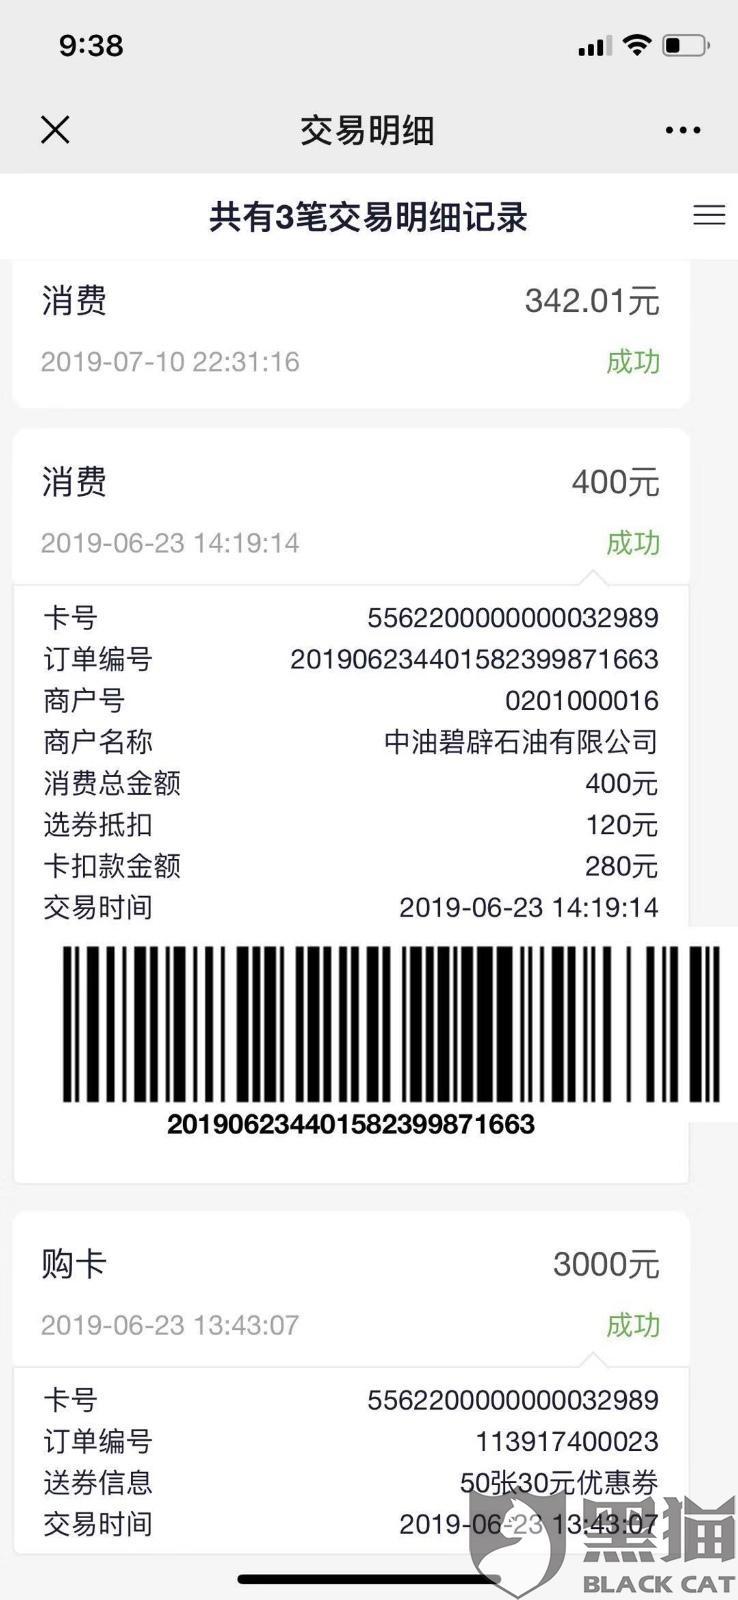 黑猫投诉:中经汇通电子卡欺诈消费者